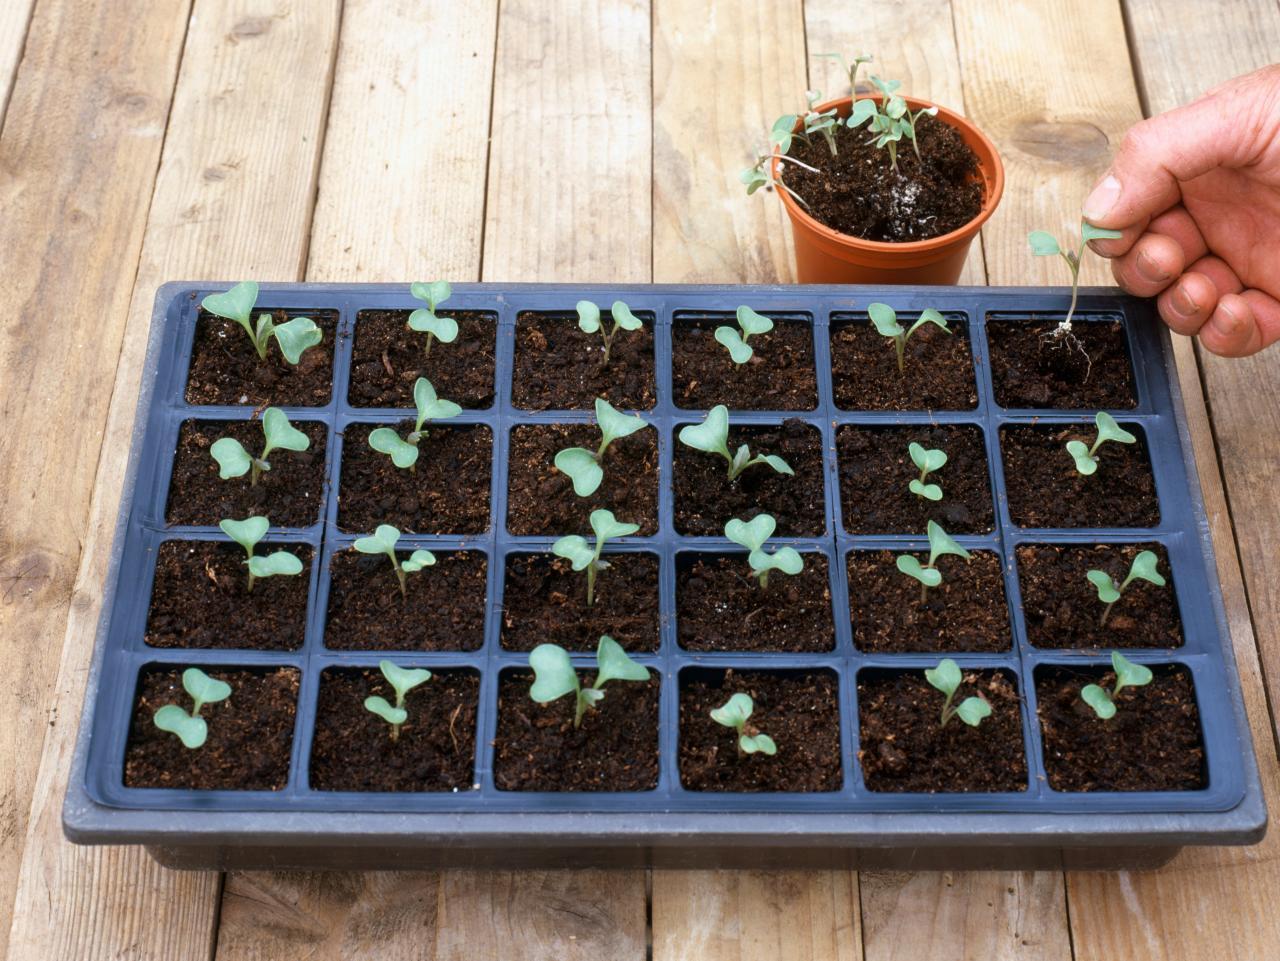 Когда сажать цветную капусту на рассаду в 2020 году по лунному календарю: таблица благоприятных дней для посева семенами